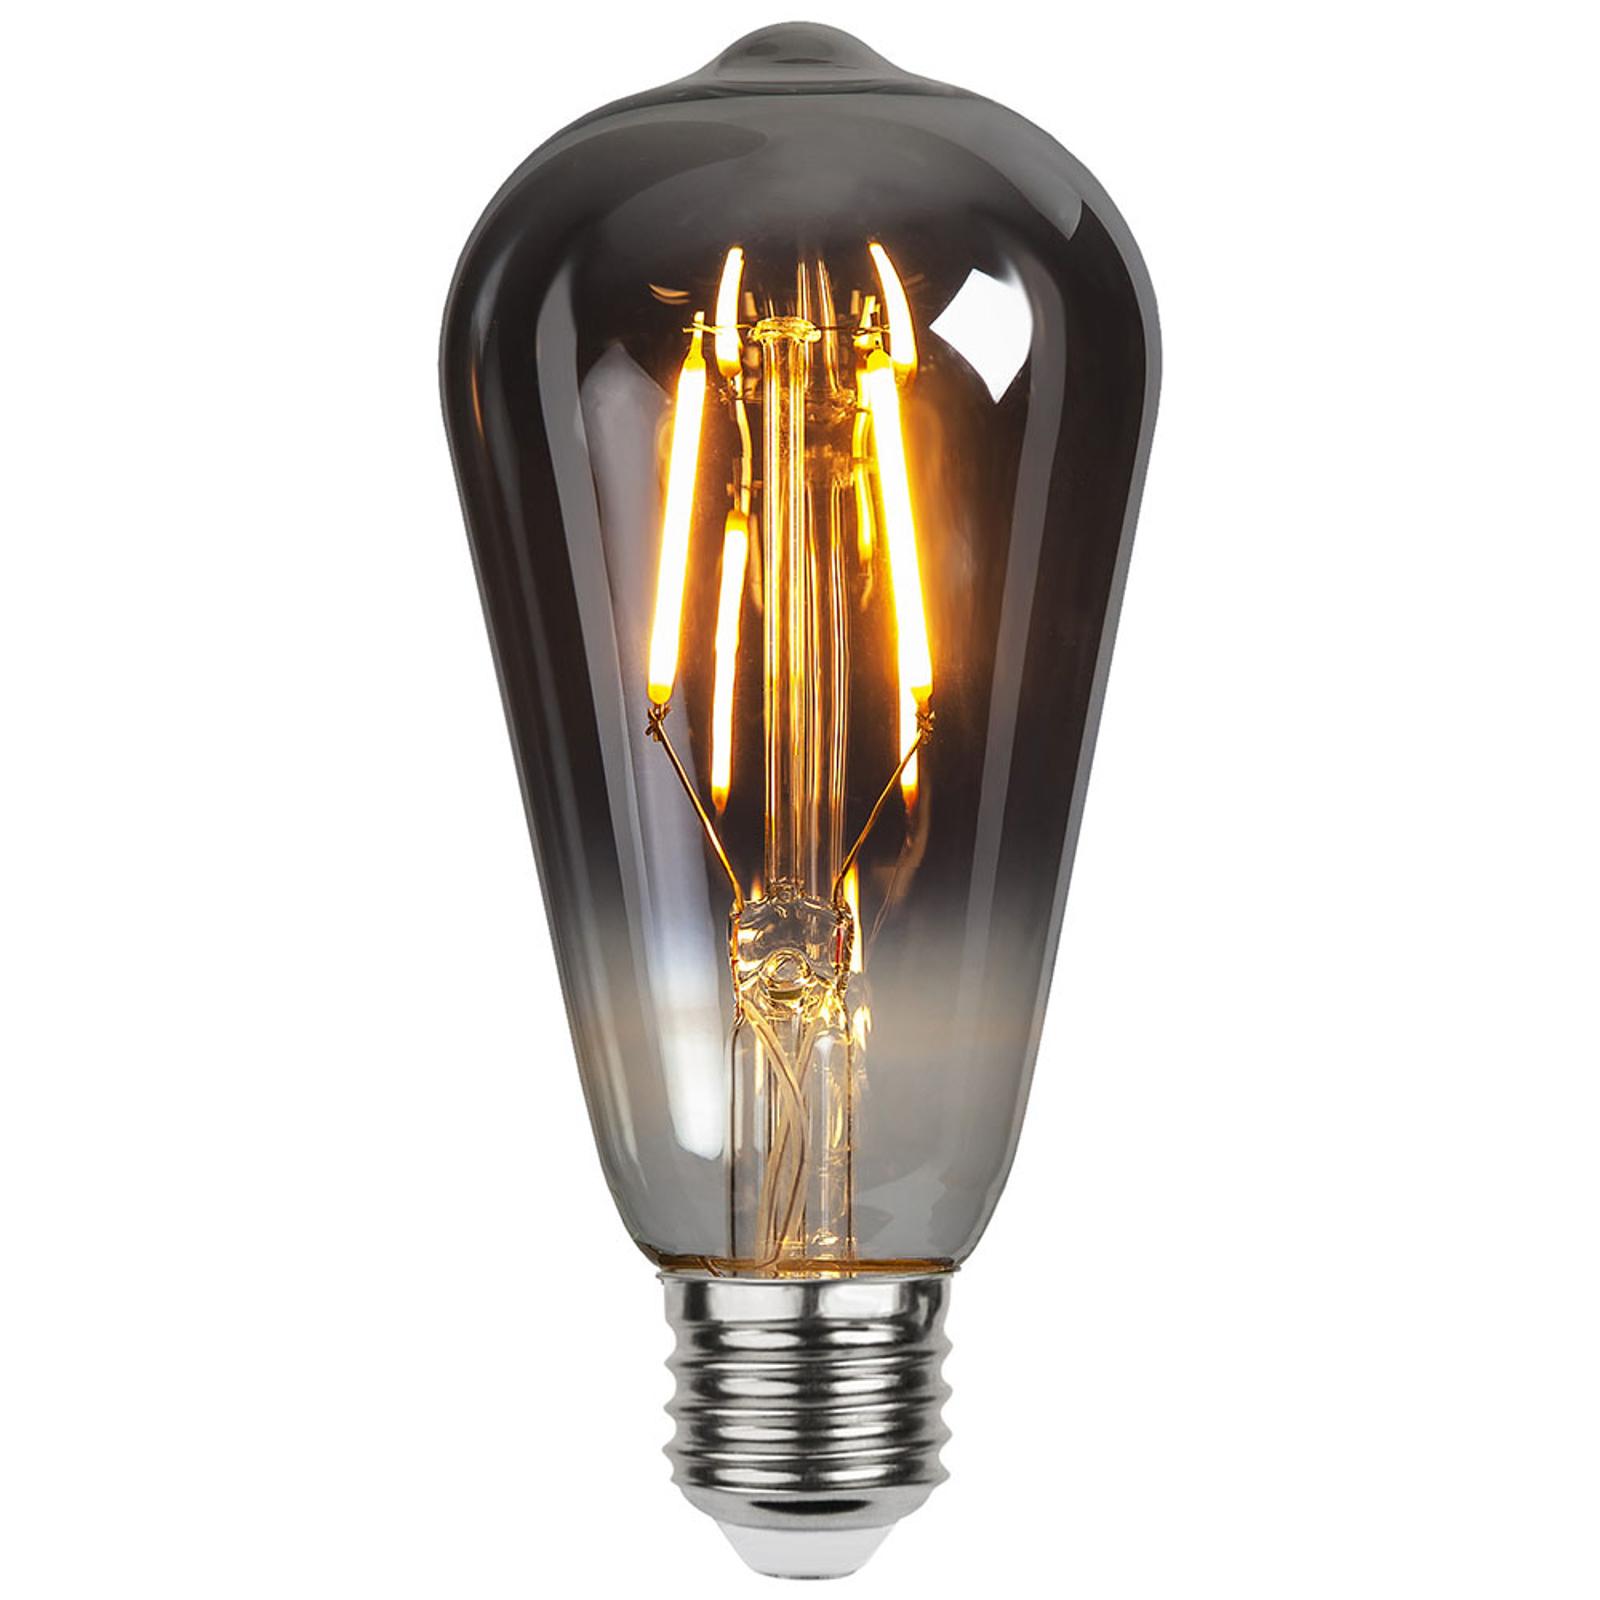 Żarówka LED E27 1,8W ST64 Plain Smoke 2100K 80lm